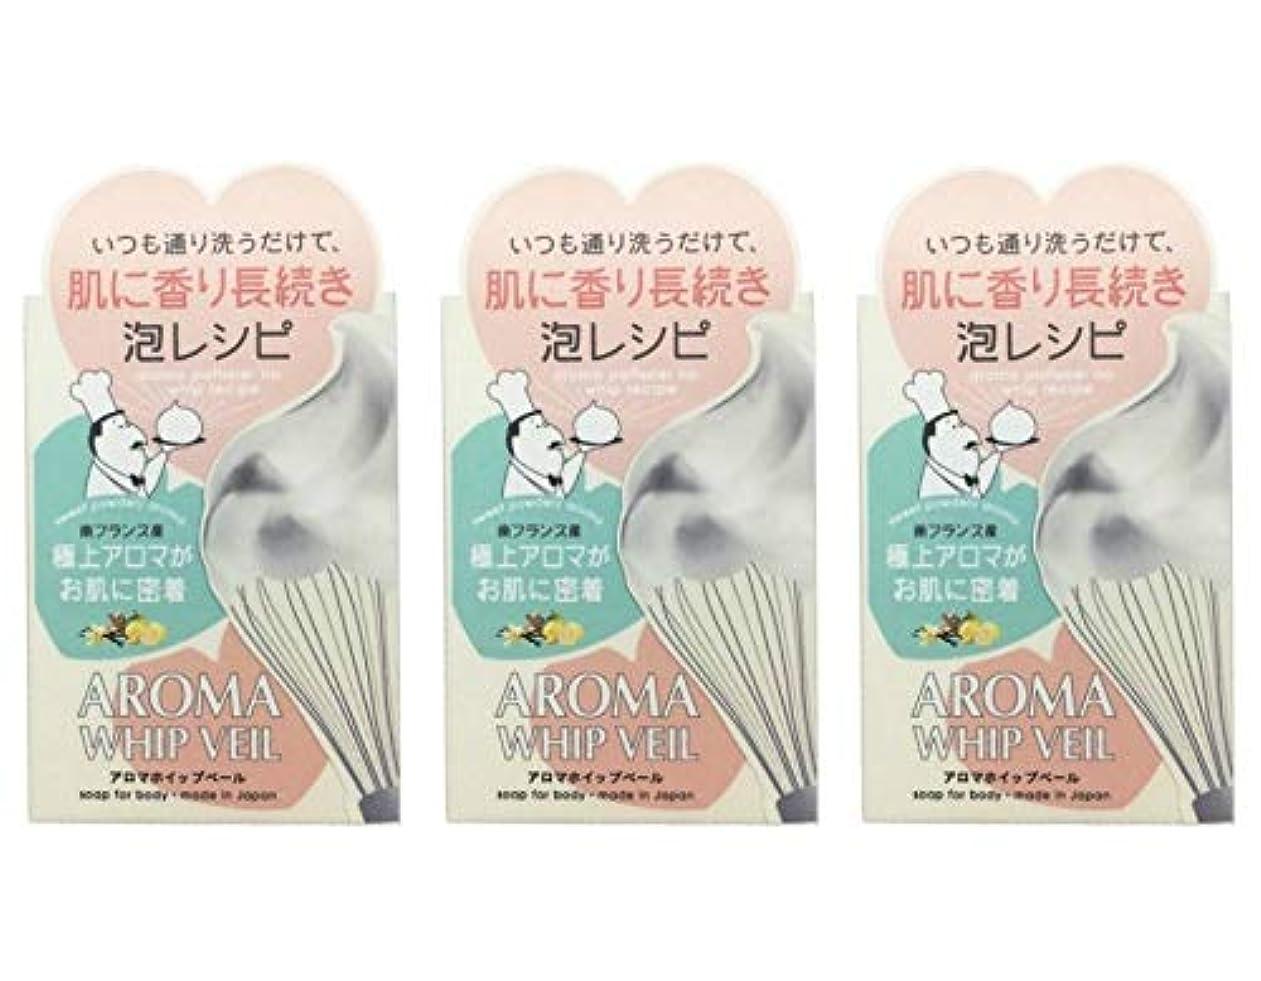 グレートオーク可愛い公使館【3個セット】ペリカン石鹸 アロマホイップベール石鹸 100g【3個セット】